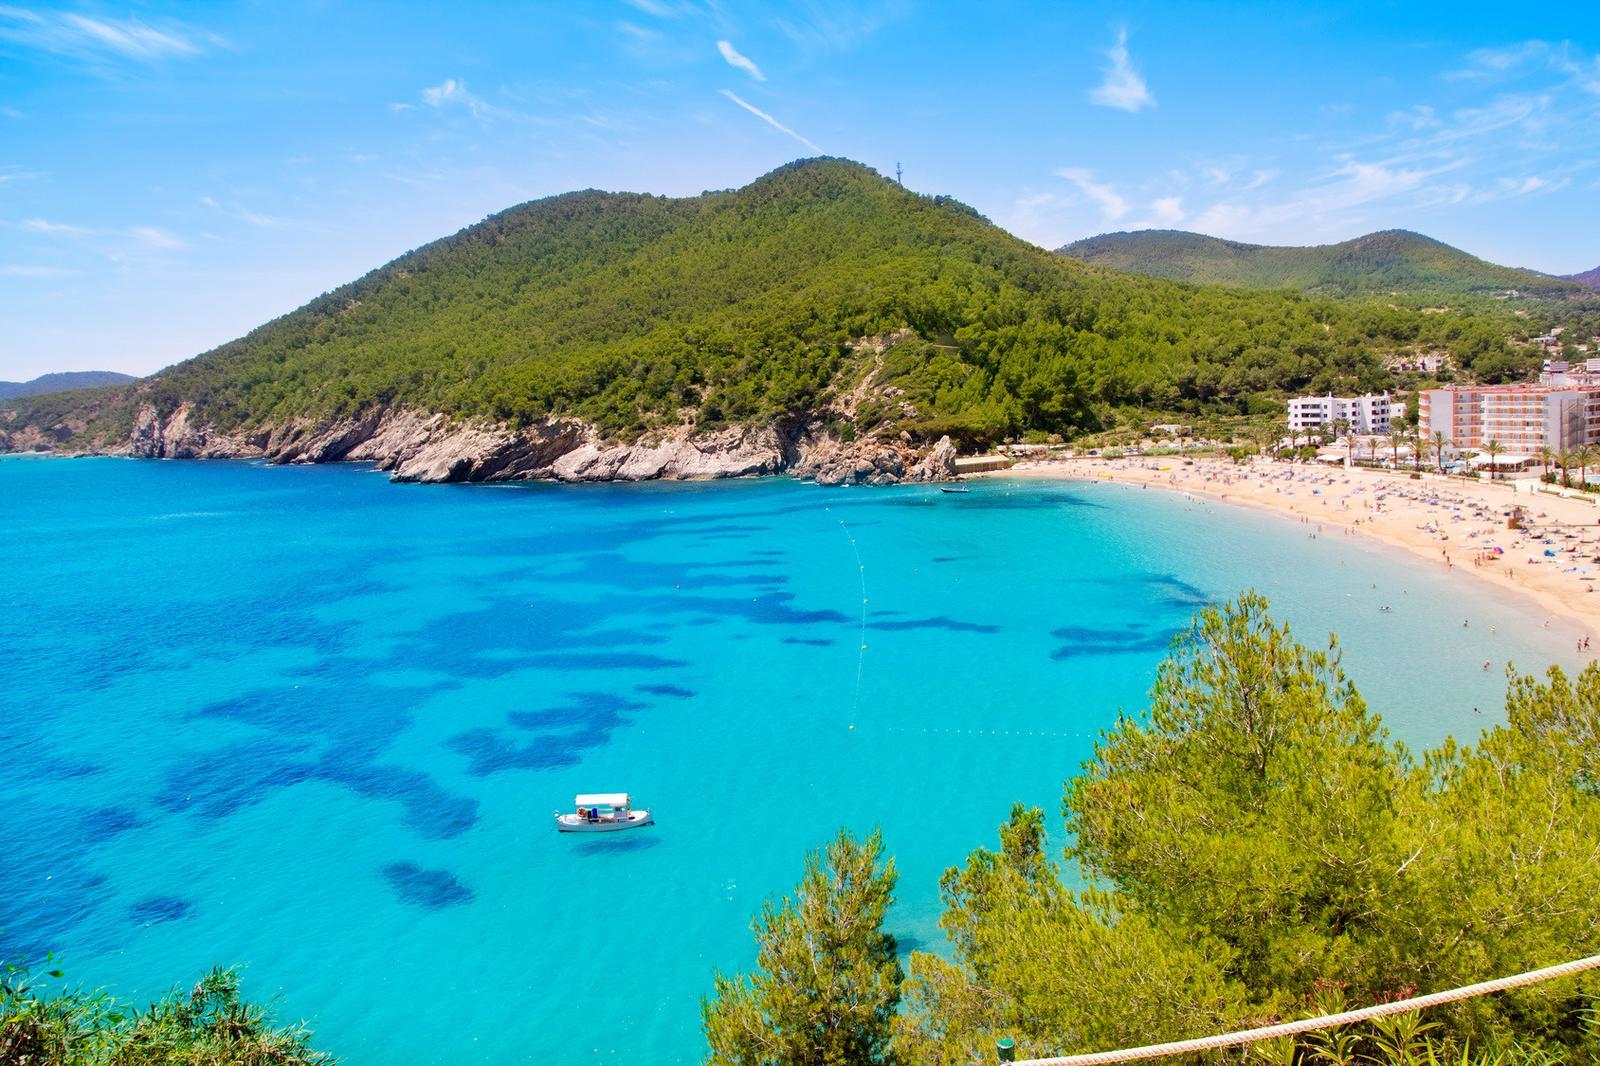 islas España Cala de Sant Vicent, Ibiza, Islas Baleares